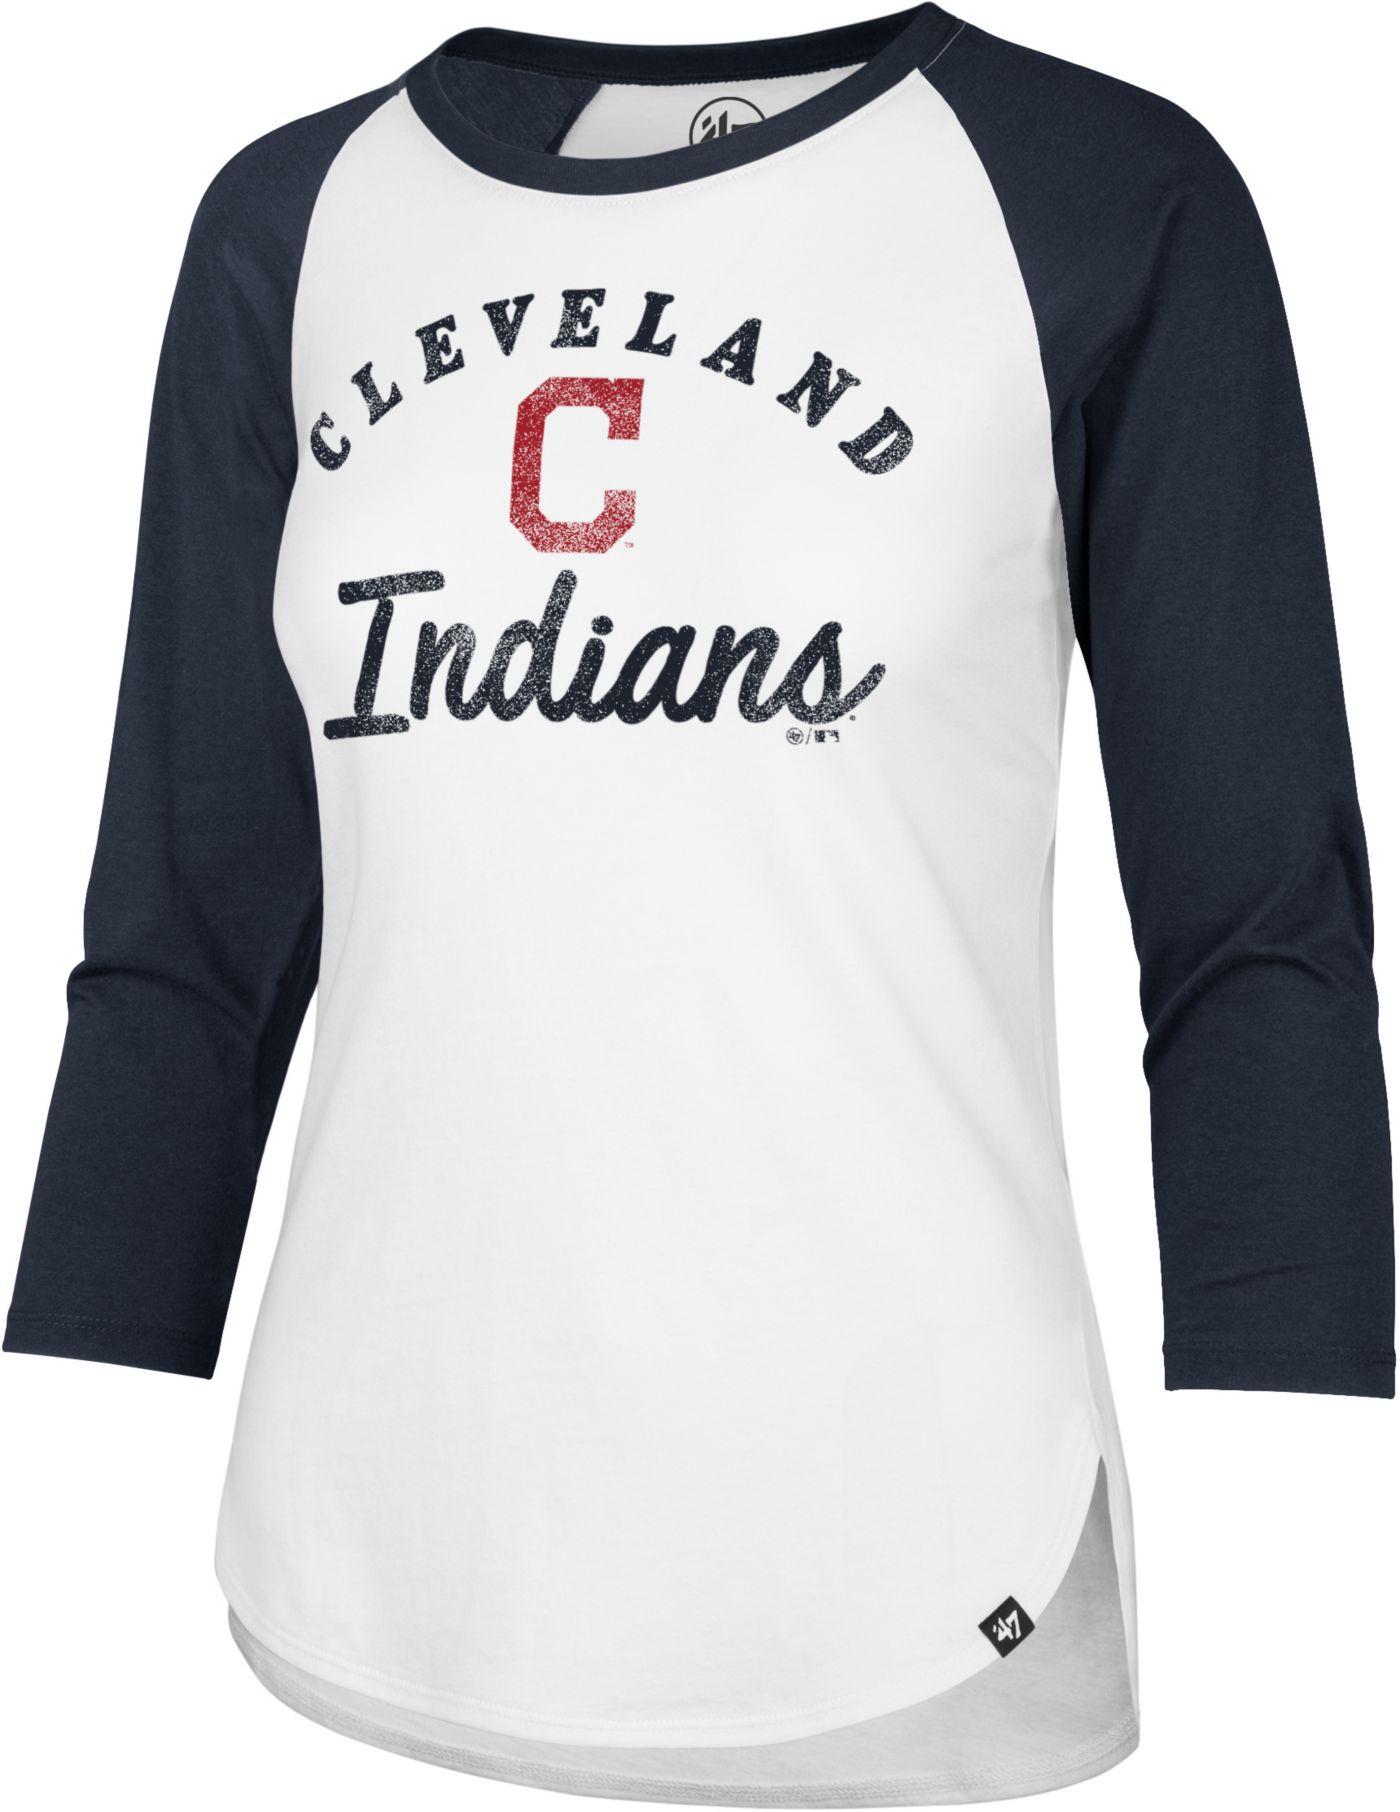 '47 Women's Cleveland Indians Splitter Raglan Three-Quarter Sleeve Shirt